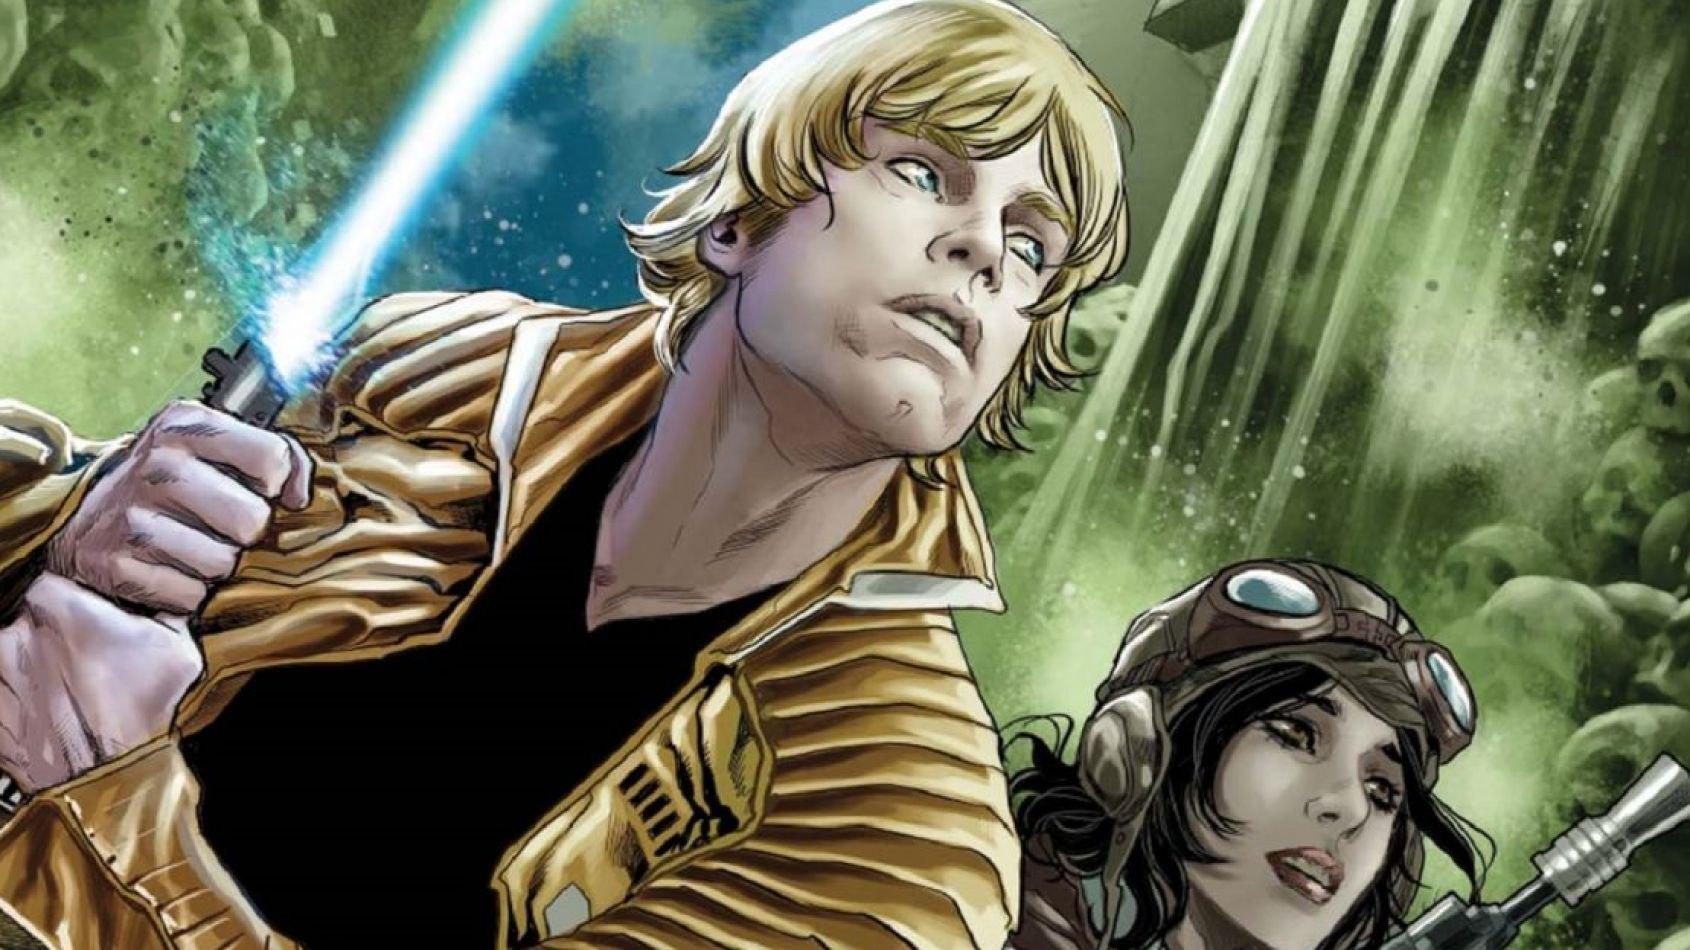 Panini : Un nouveau hors-série pour le magazine de comics